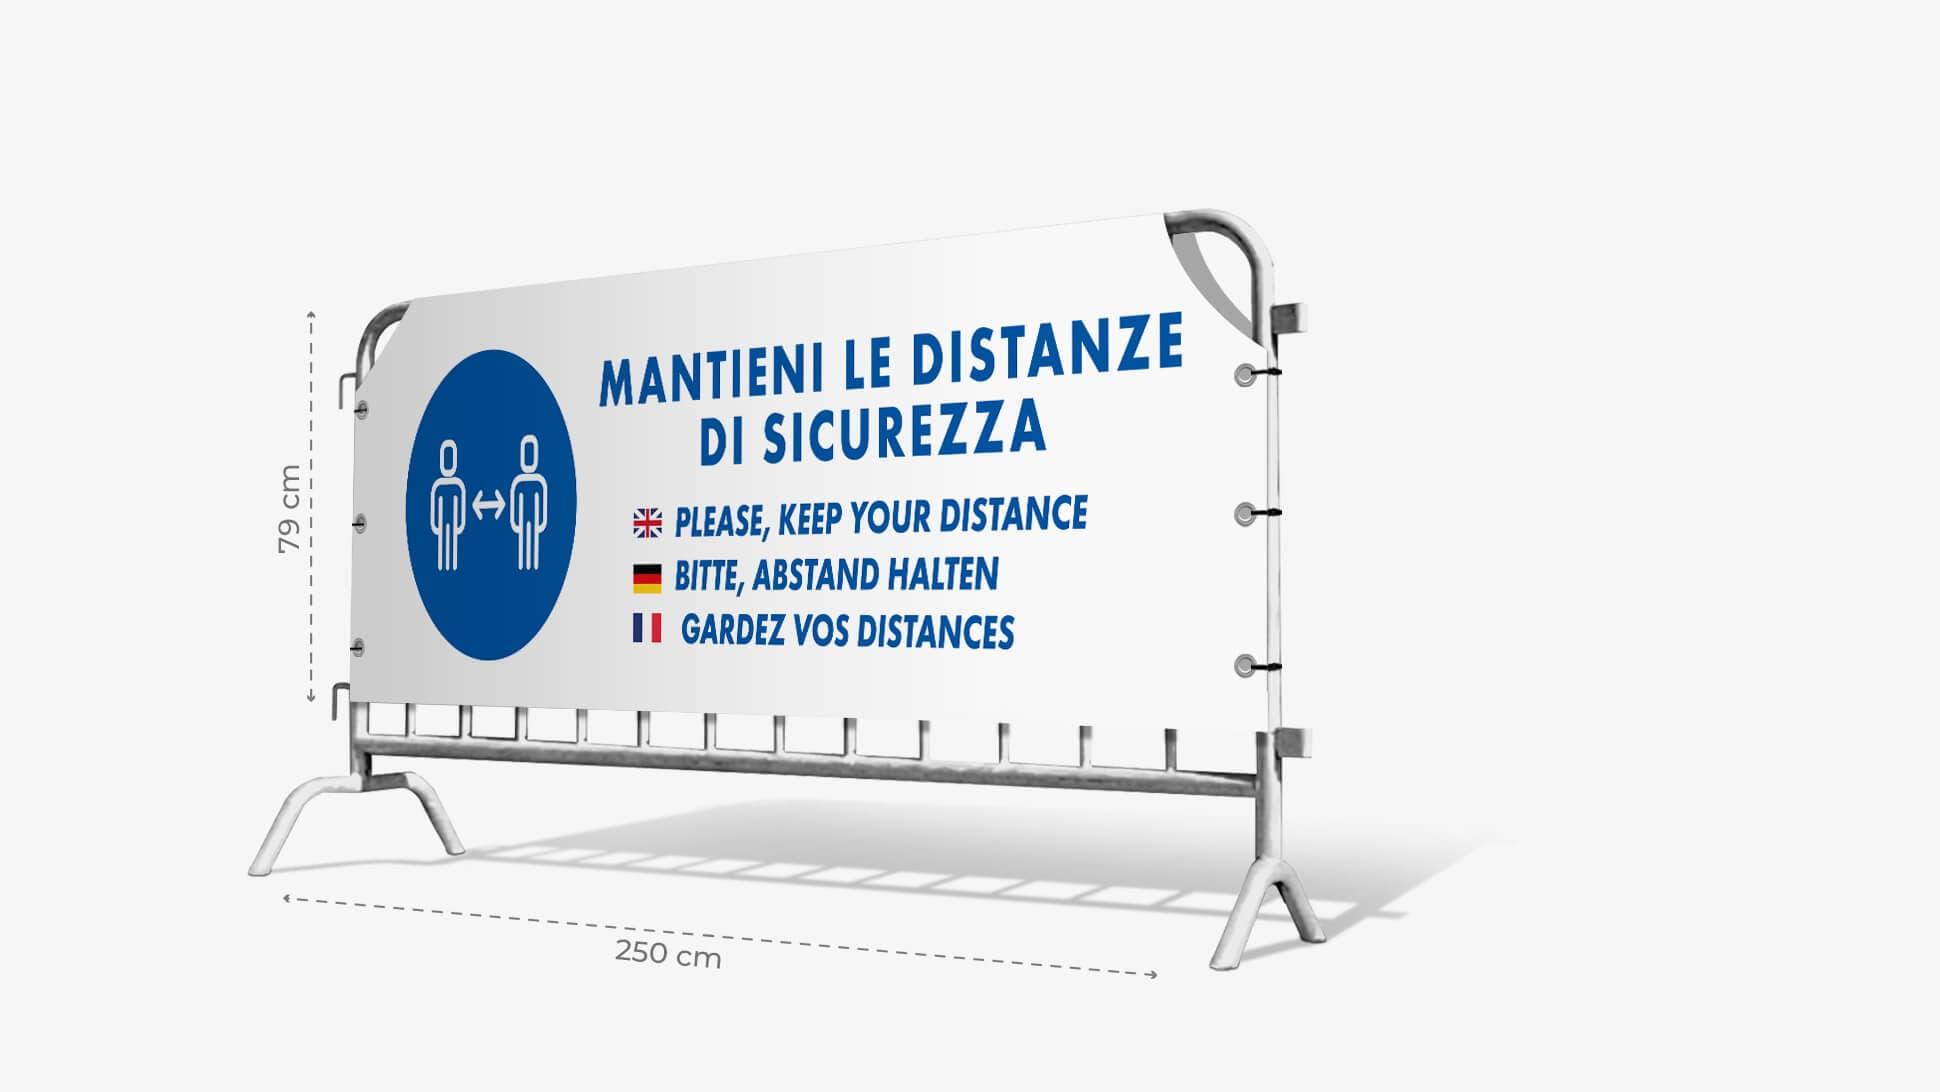 Copritransenna in PVC con grafica prestampata mantieni le distanze di sicurezza | tictac.it